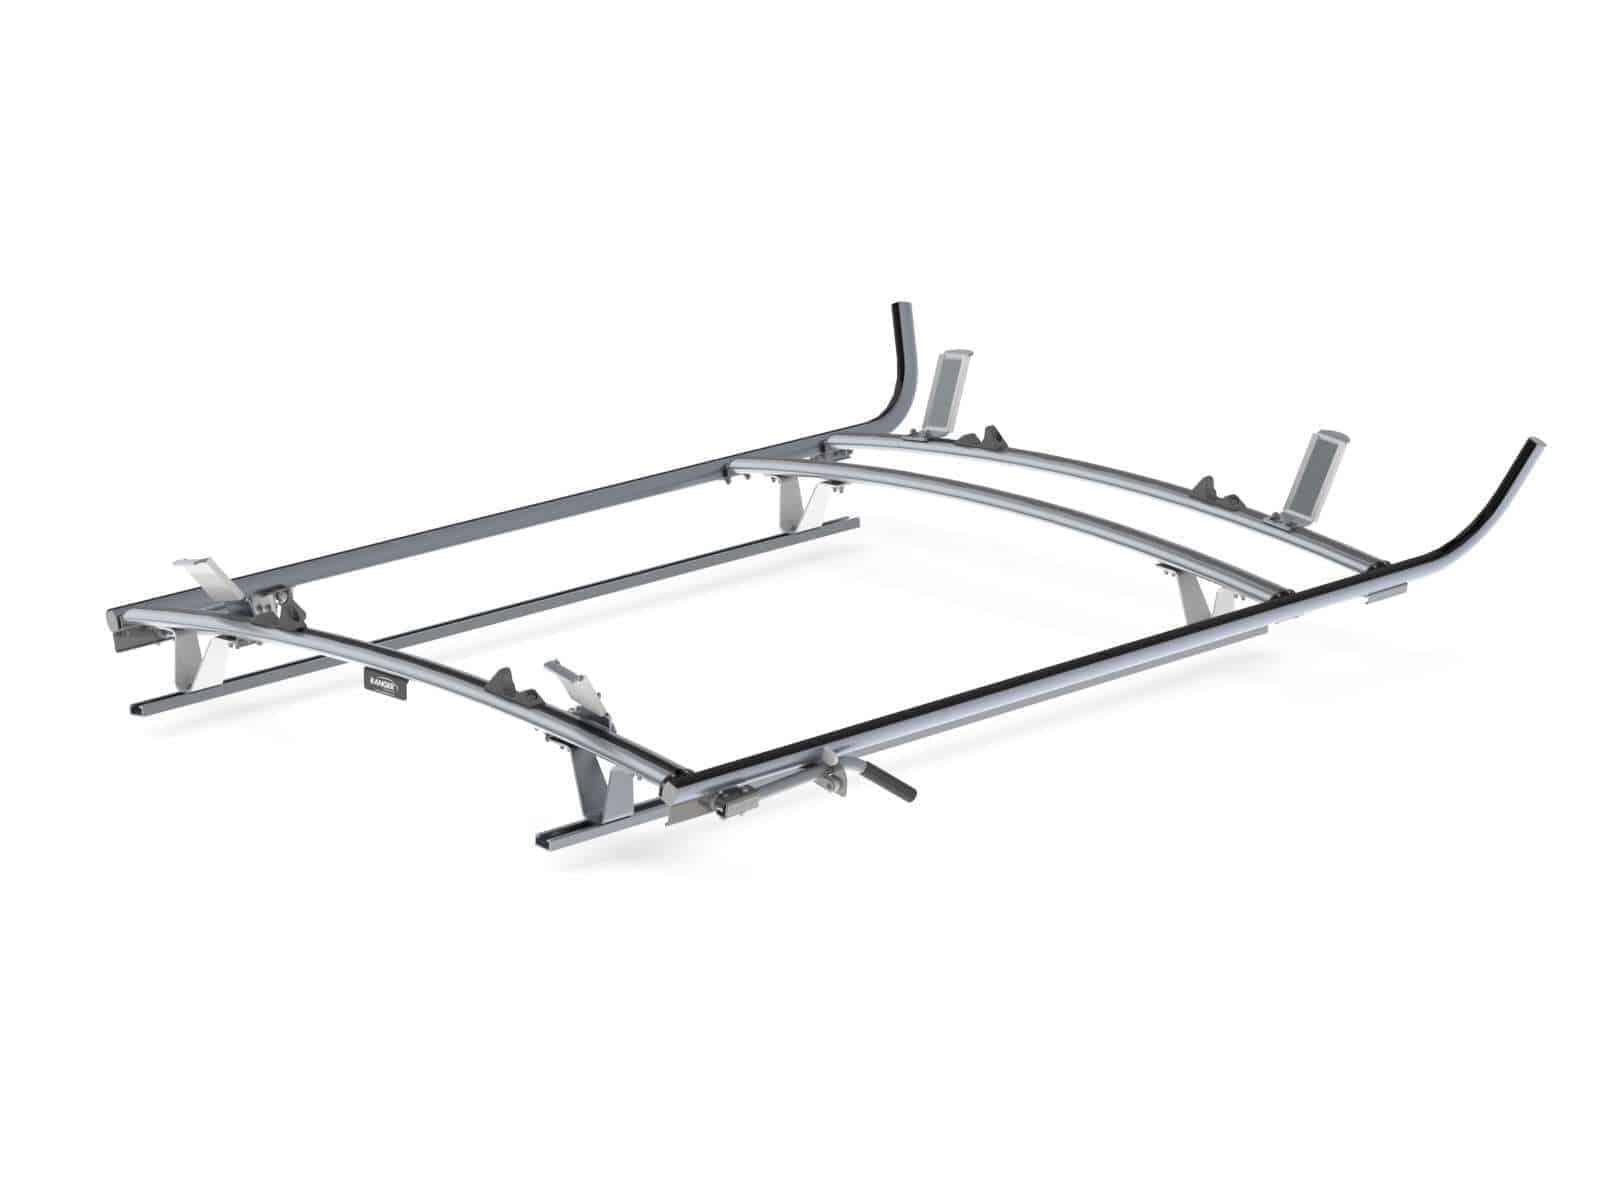 Double Side Ranger Ladder Rack 3 Bar System Ram